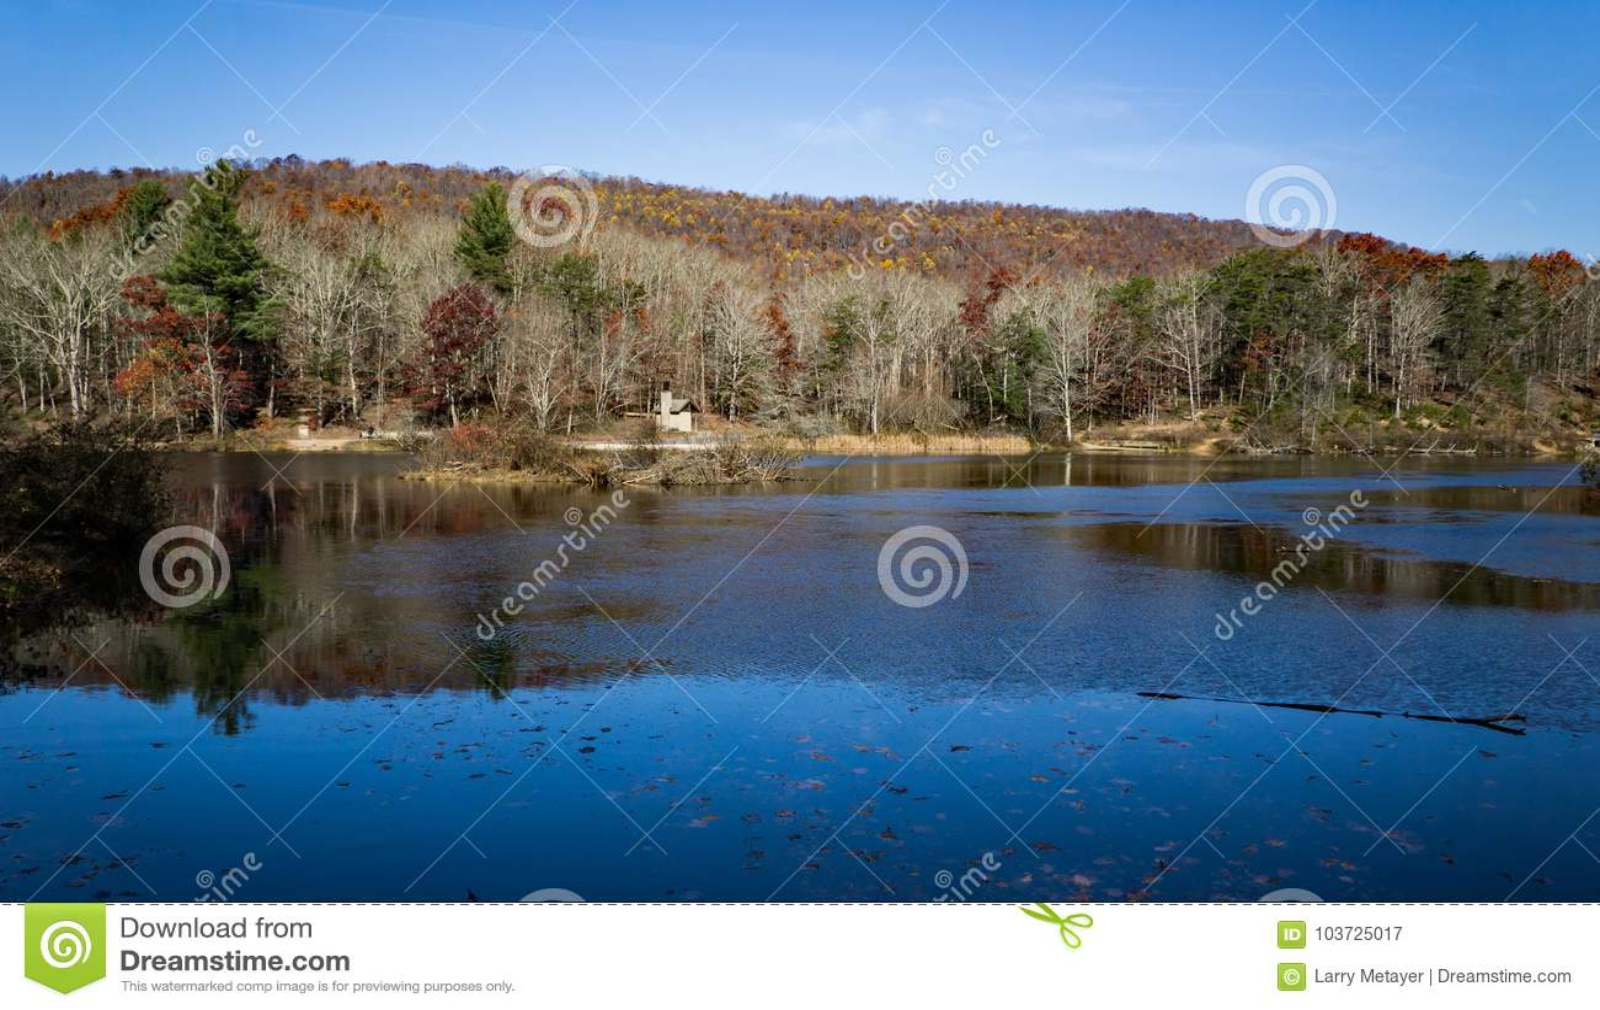 Pandapas池塘秋天视图